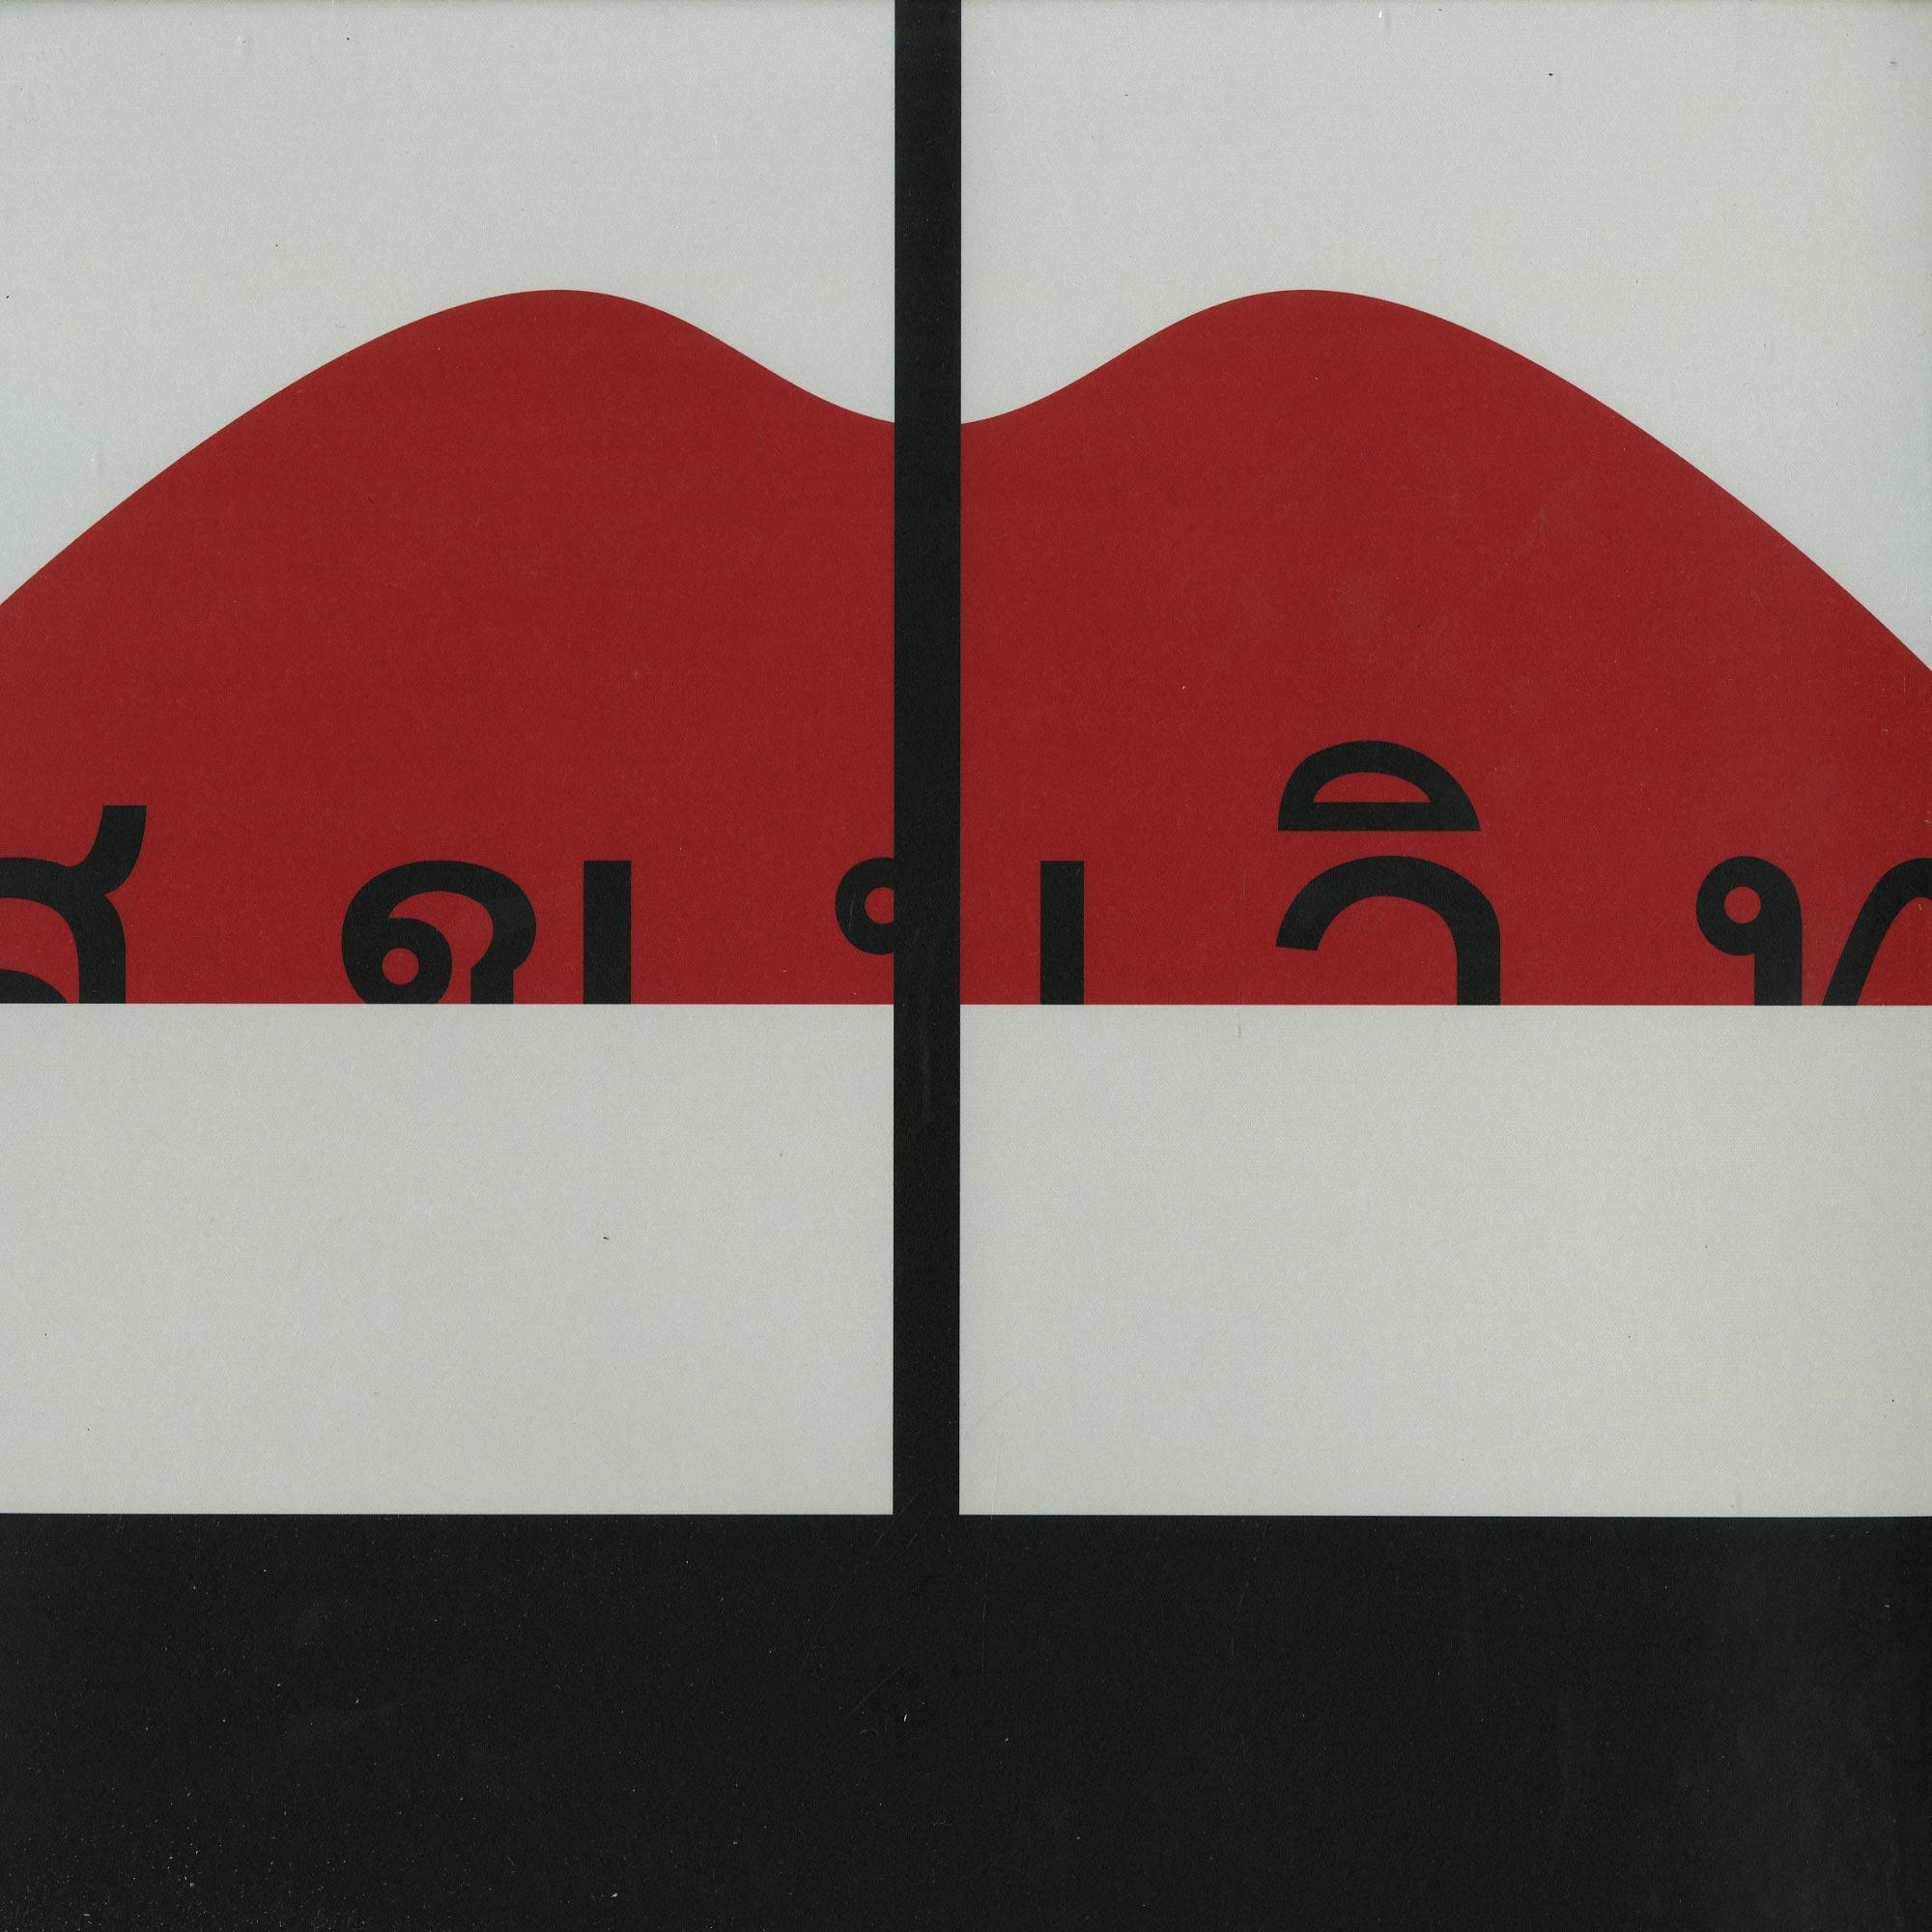 David Nicolas & Lowris - KISSMEPAN EP